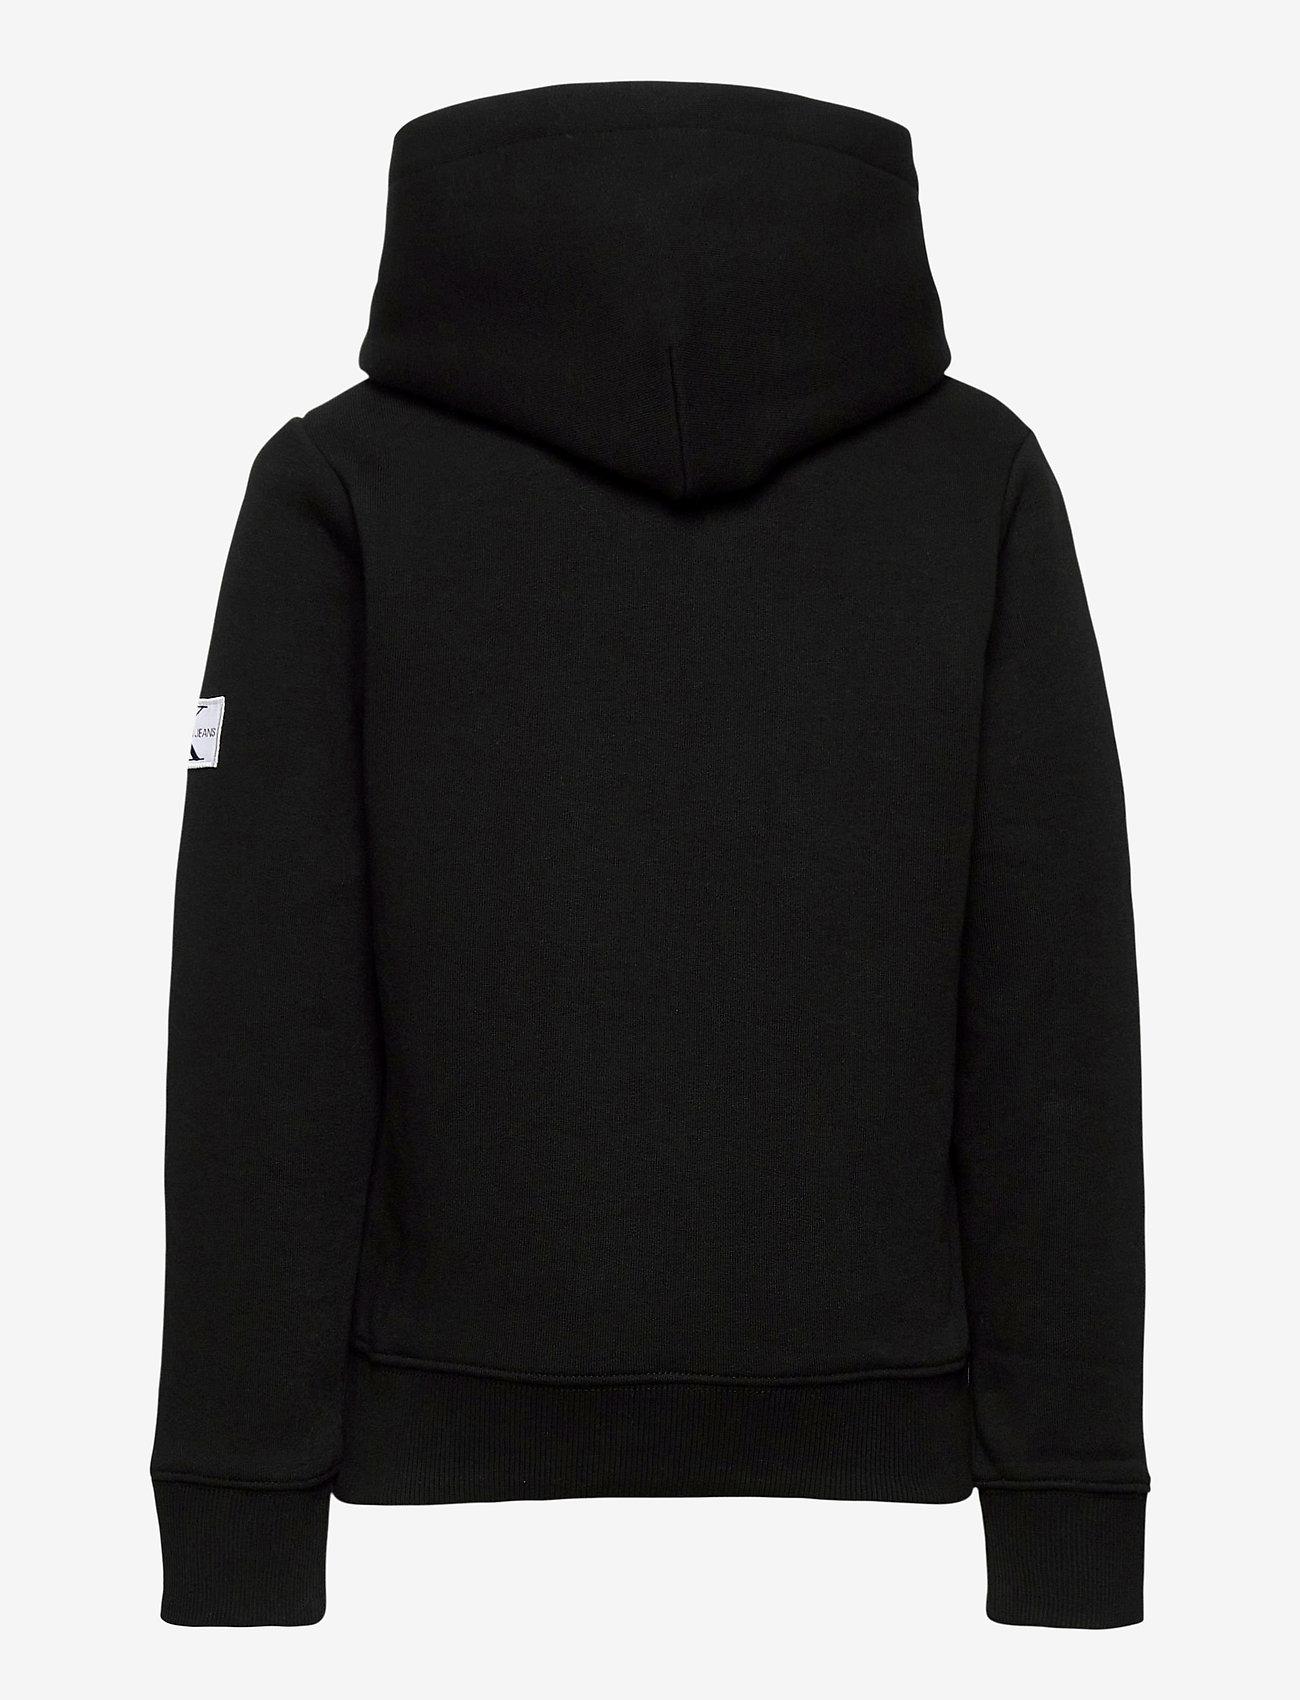 Calvin Klein - MONOGRAM SLEEVE HOODIE - hoodies - ck black - 1